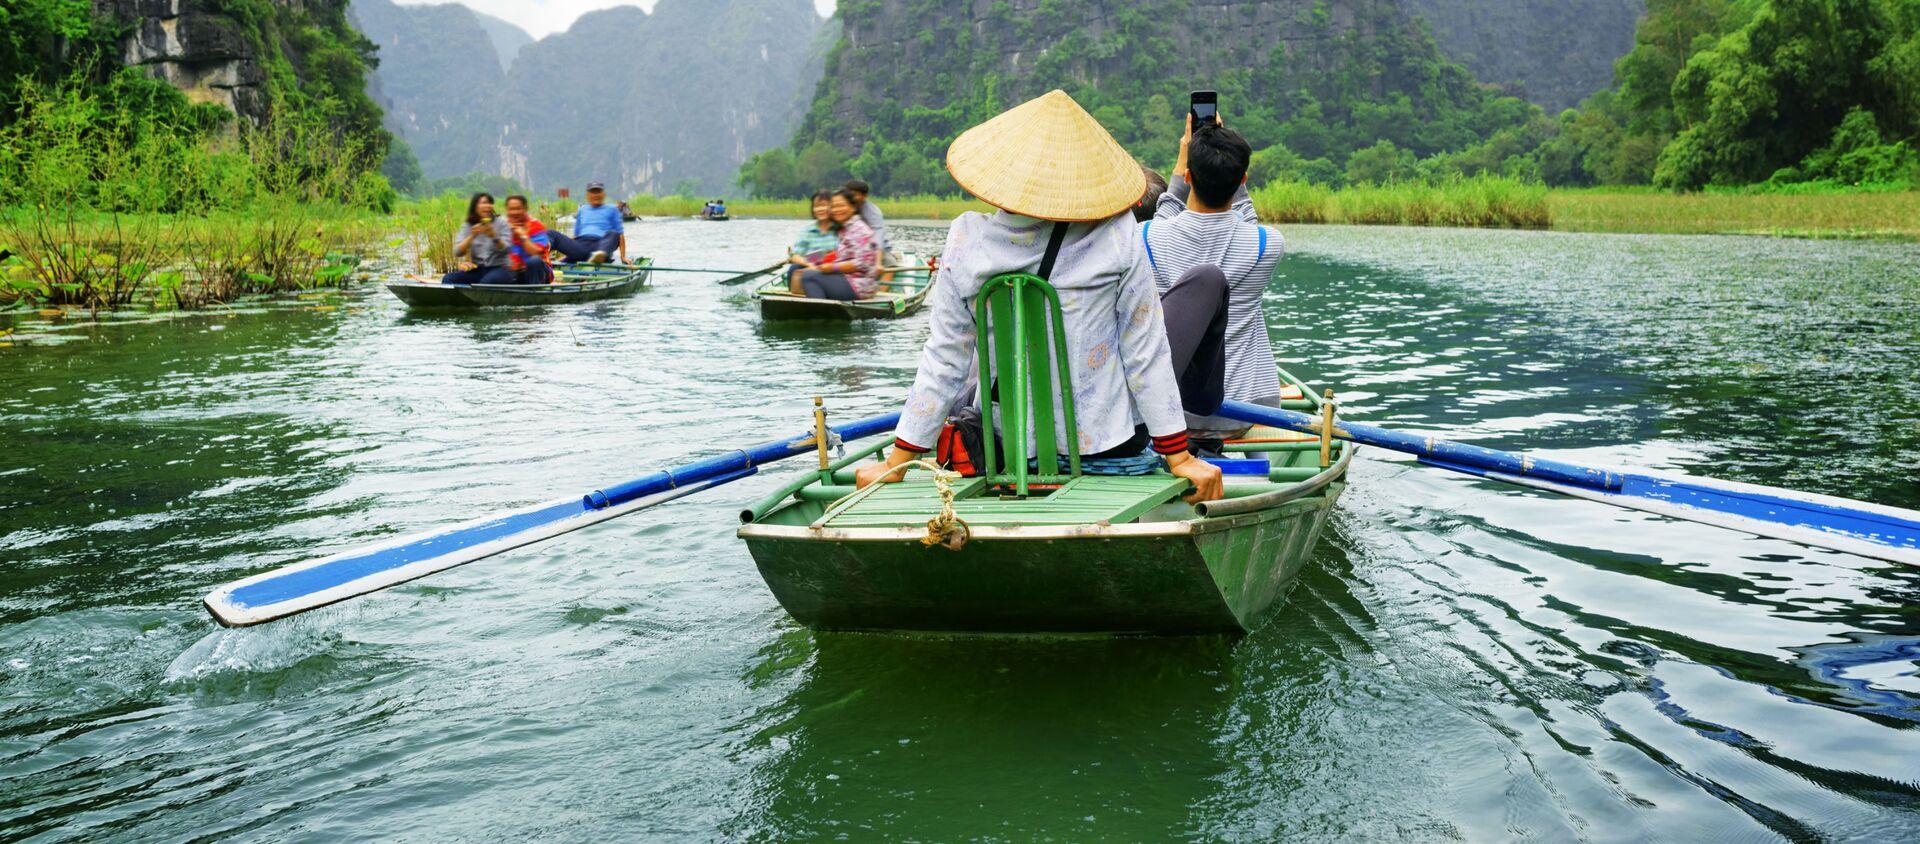 Khách du lịch trên thuyền trong cuộc du ngoạn dọc sông Ngô Đồng ở Việt Nam - Sputnik Việt Nam, 1920, 20.03.2021